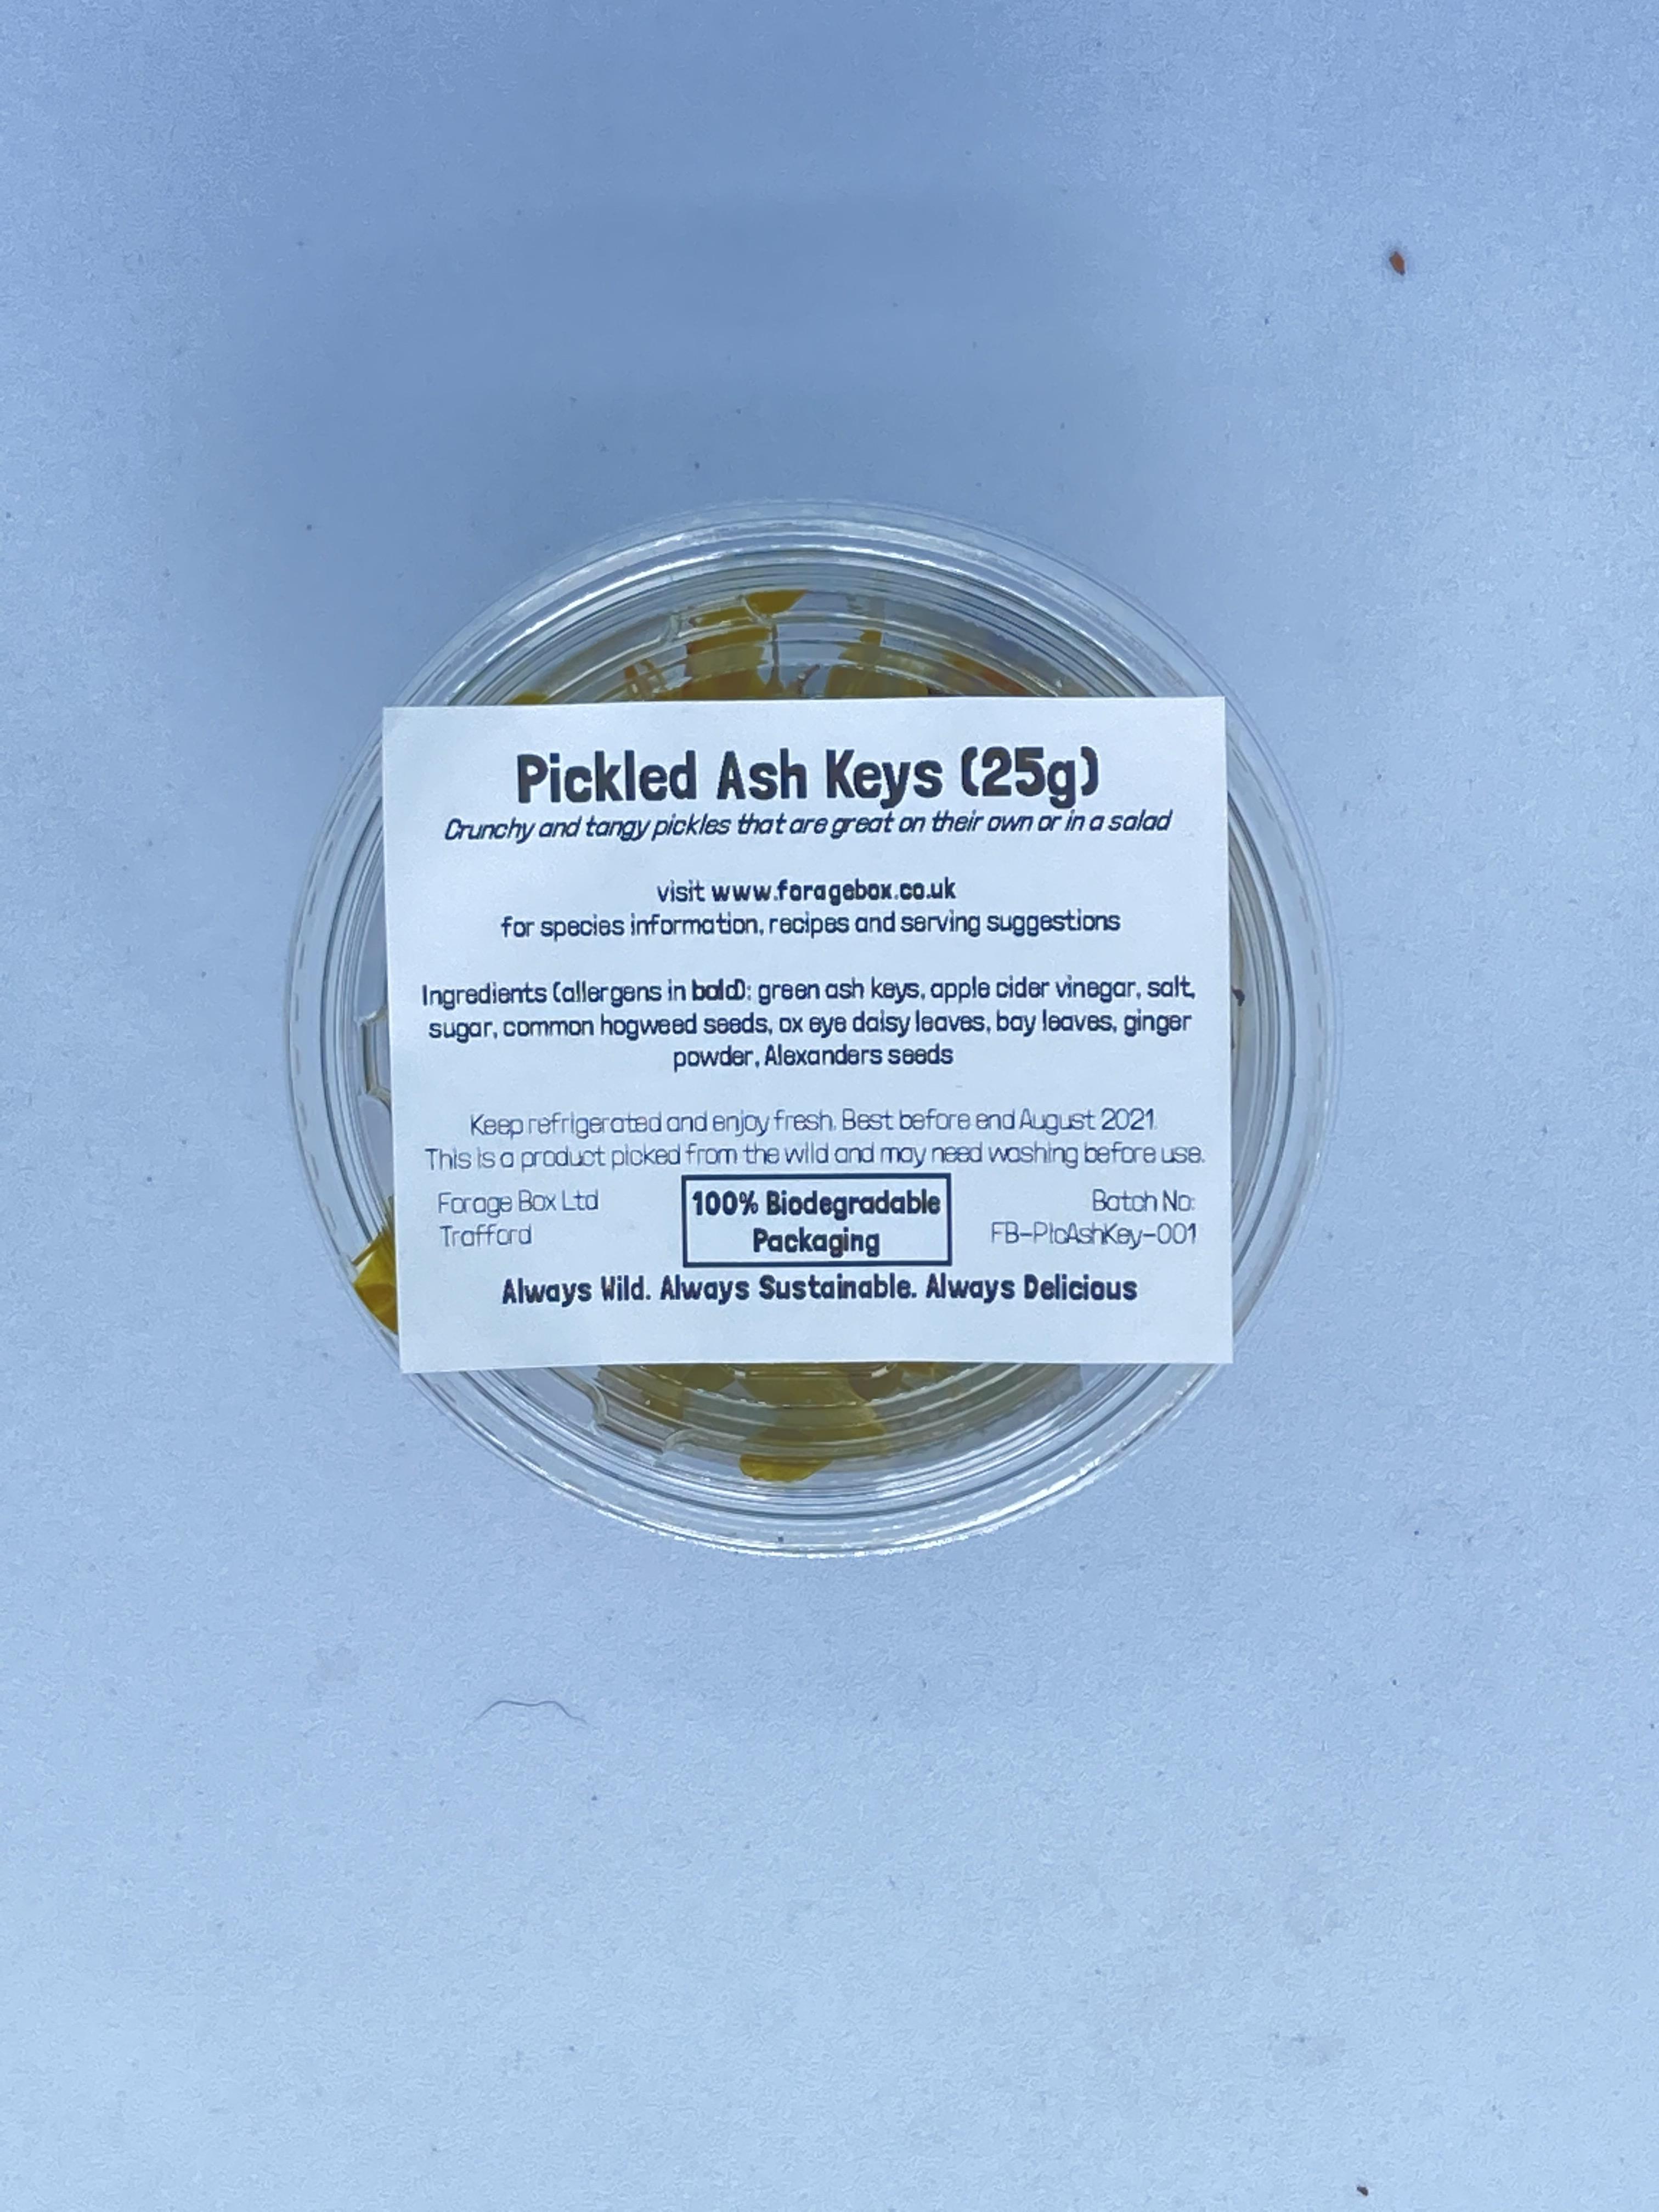 Pickled Ash Keys